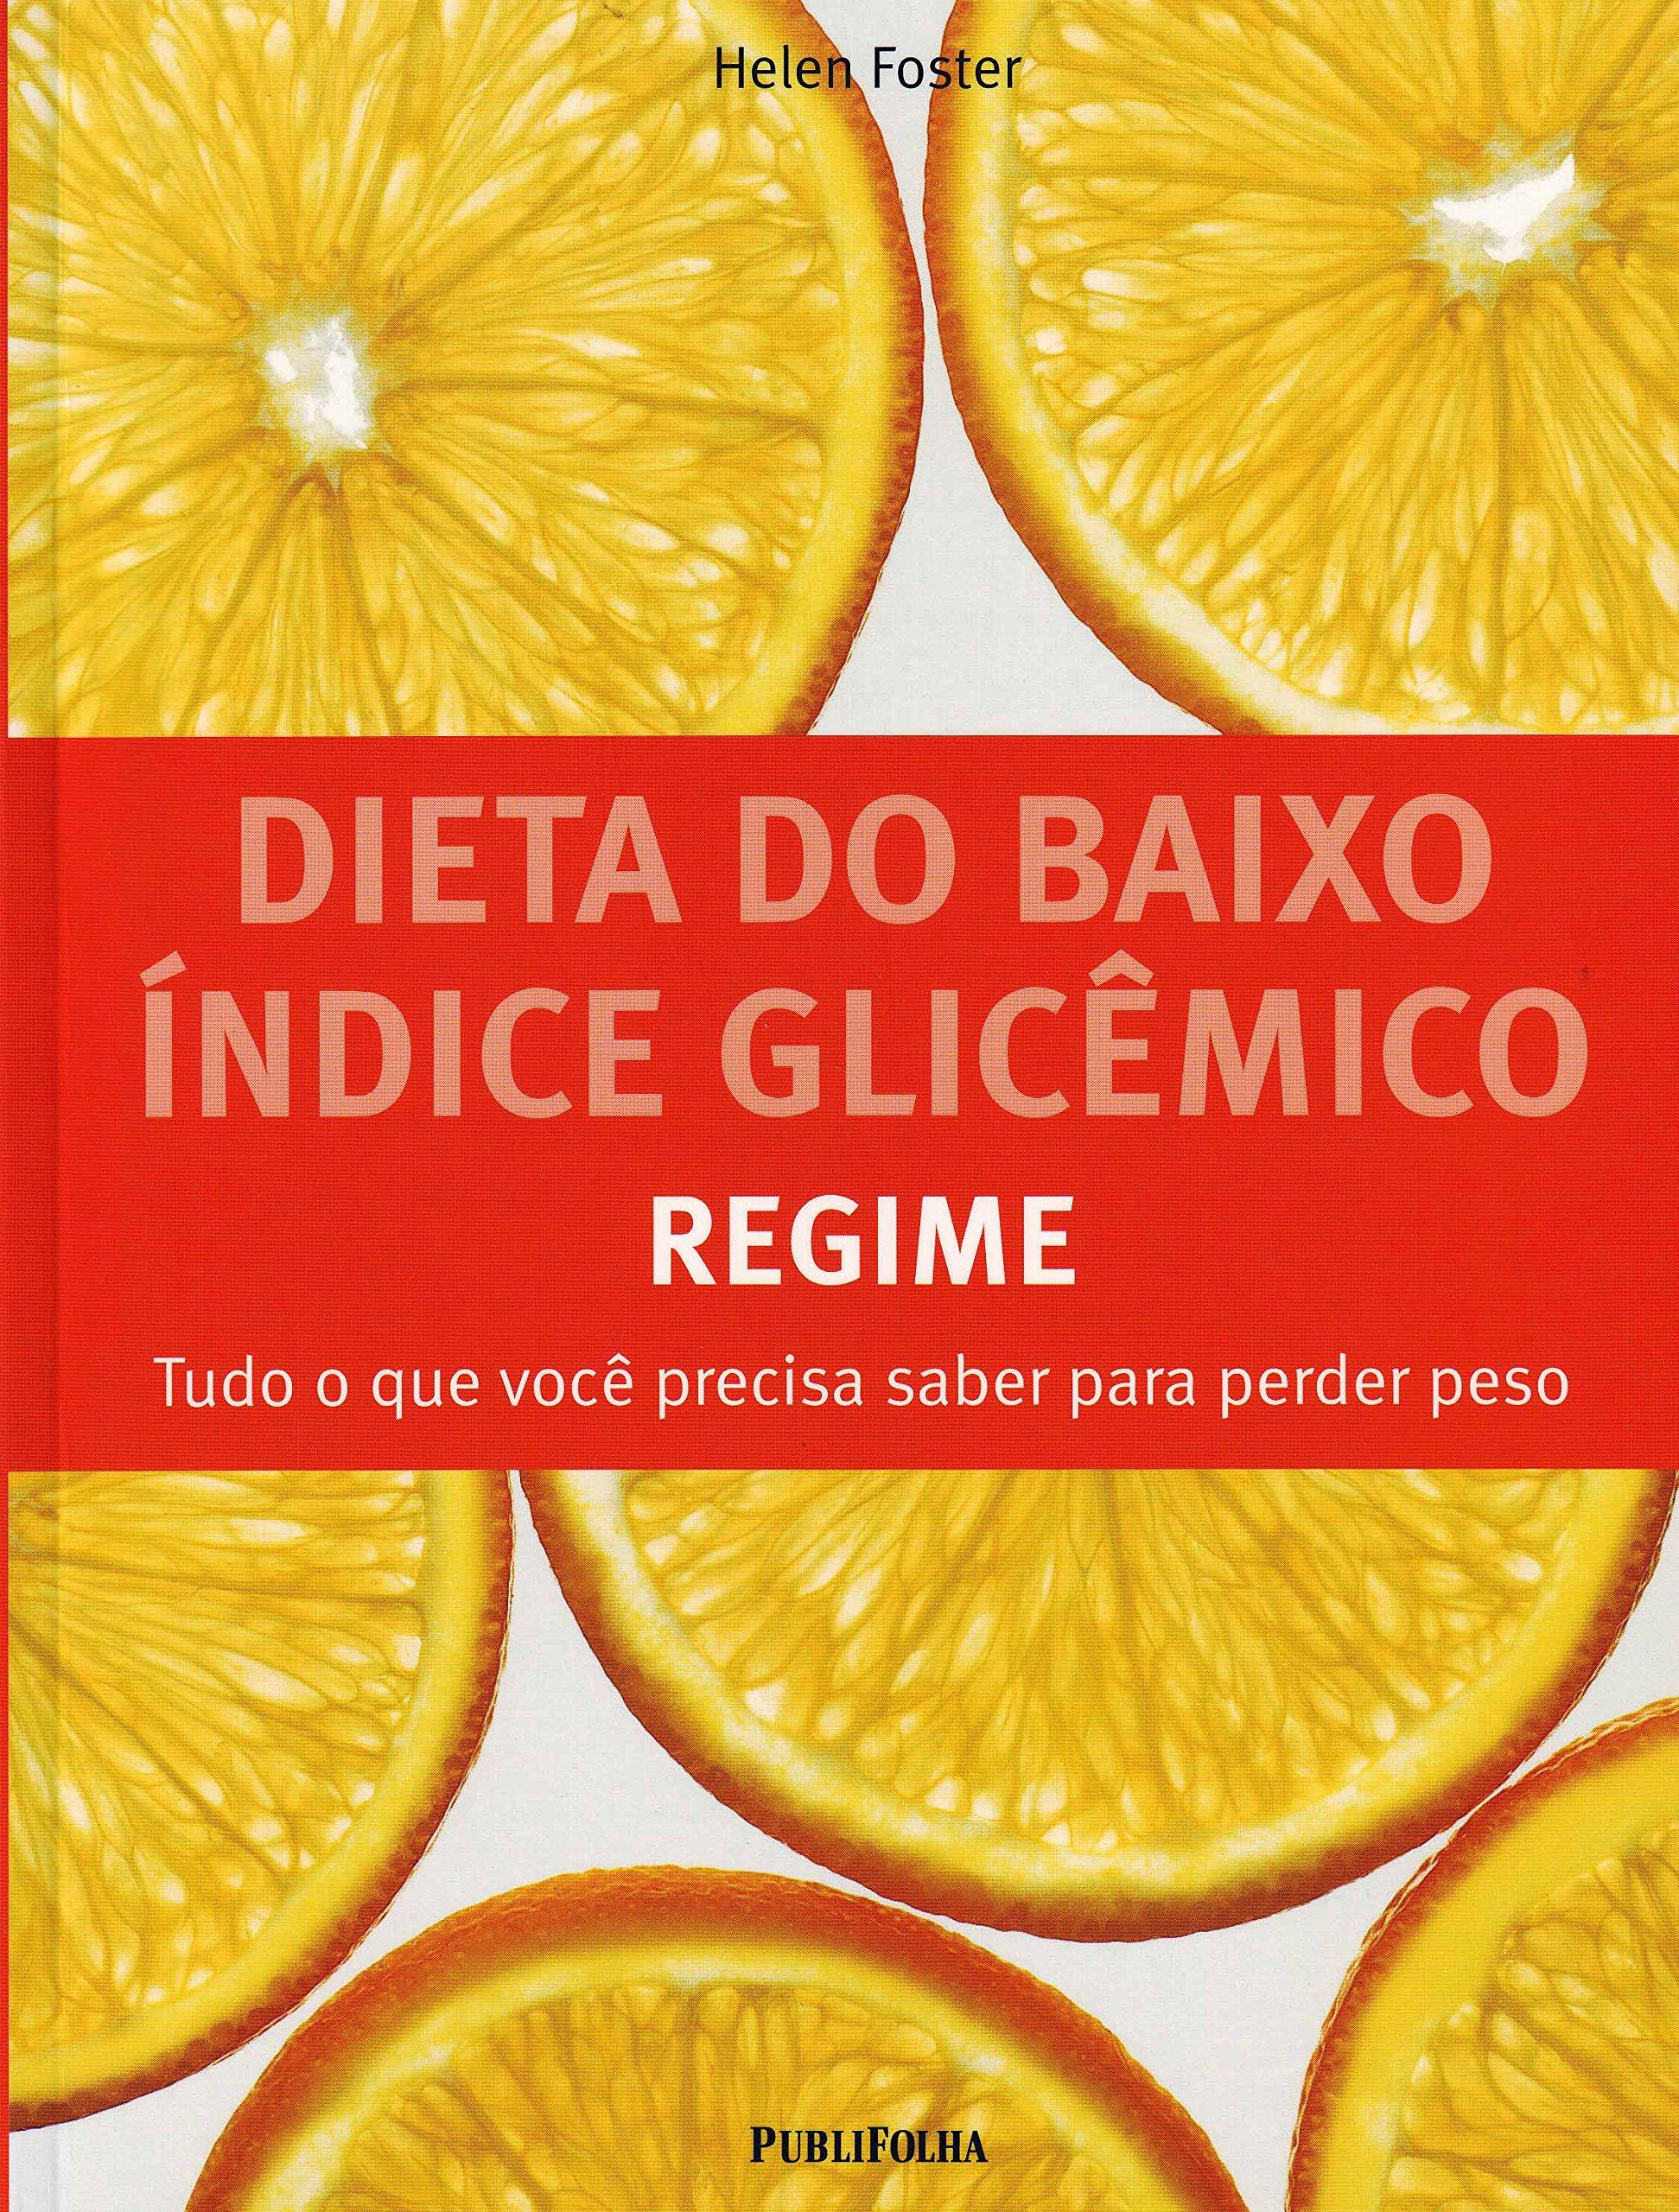 cardapio dieta indice glicemico baixo